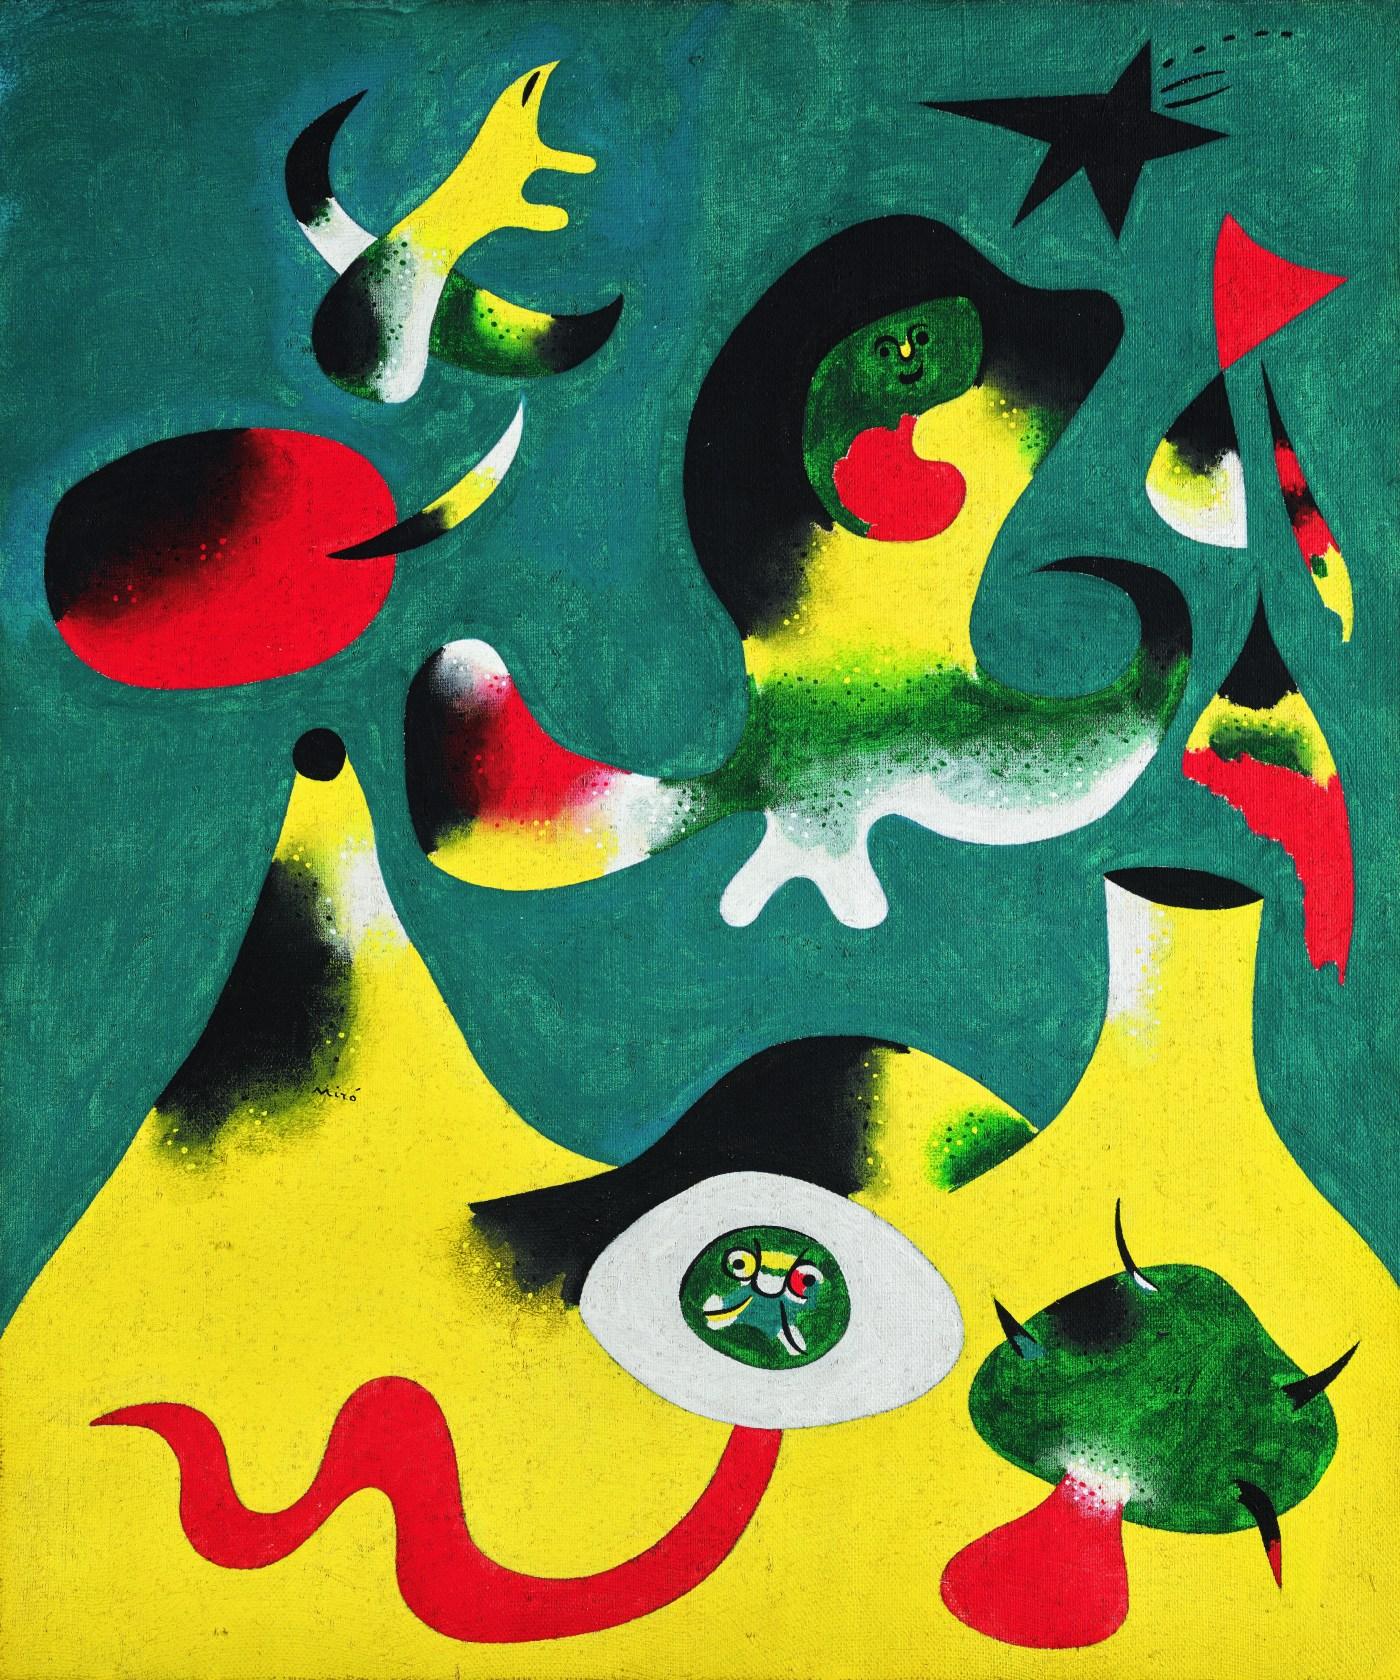 Lot 16 Joan Miró, Peinture (L'Air), 1938, oil on canvas (est. £10,000,000 – 15,000,000)